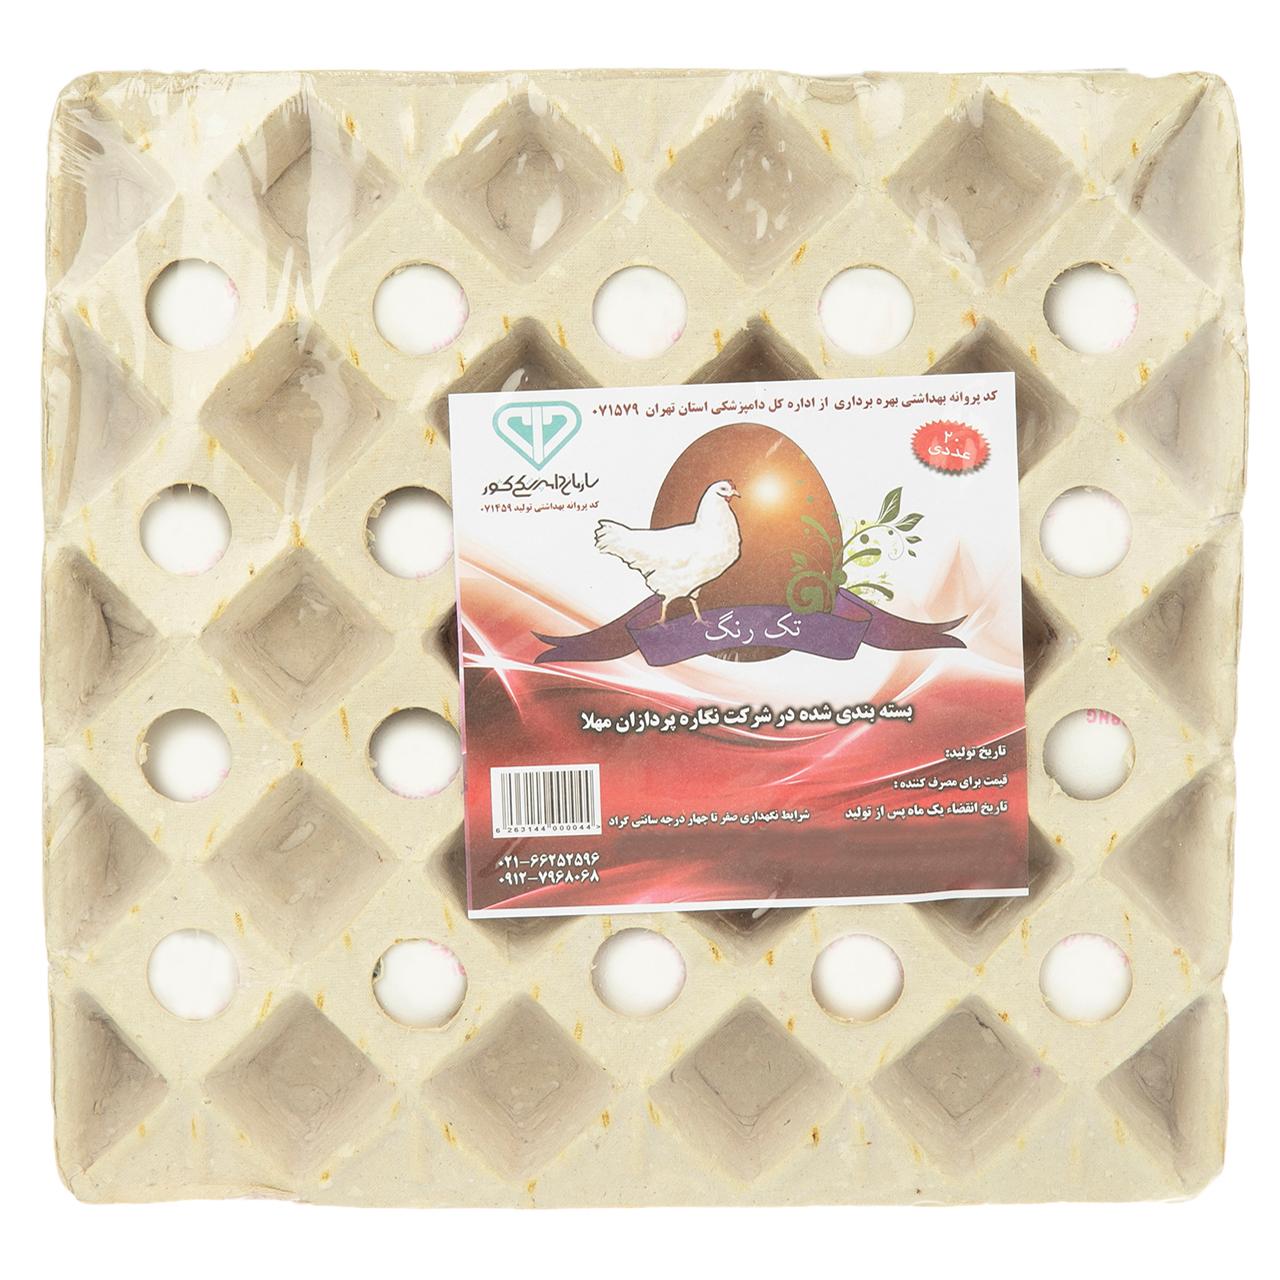 تخم مرغ تک رنگ بسته 20 عددی